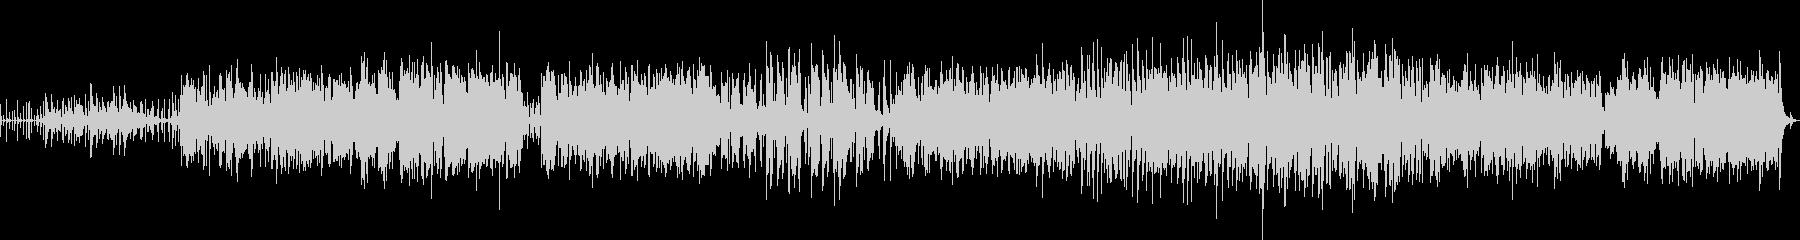 ジャズフュージョン系楽曲の未再生の波形